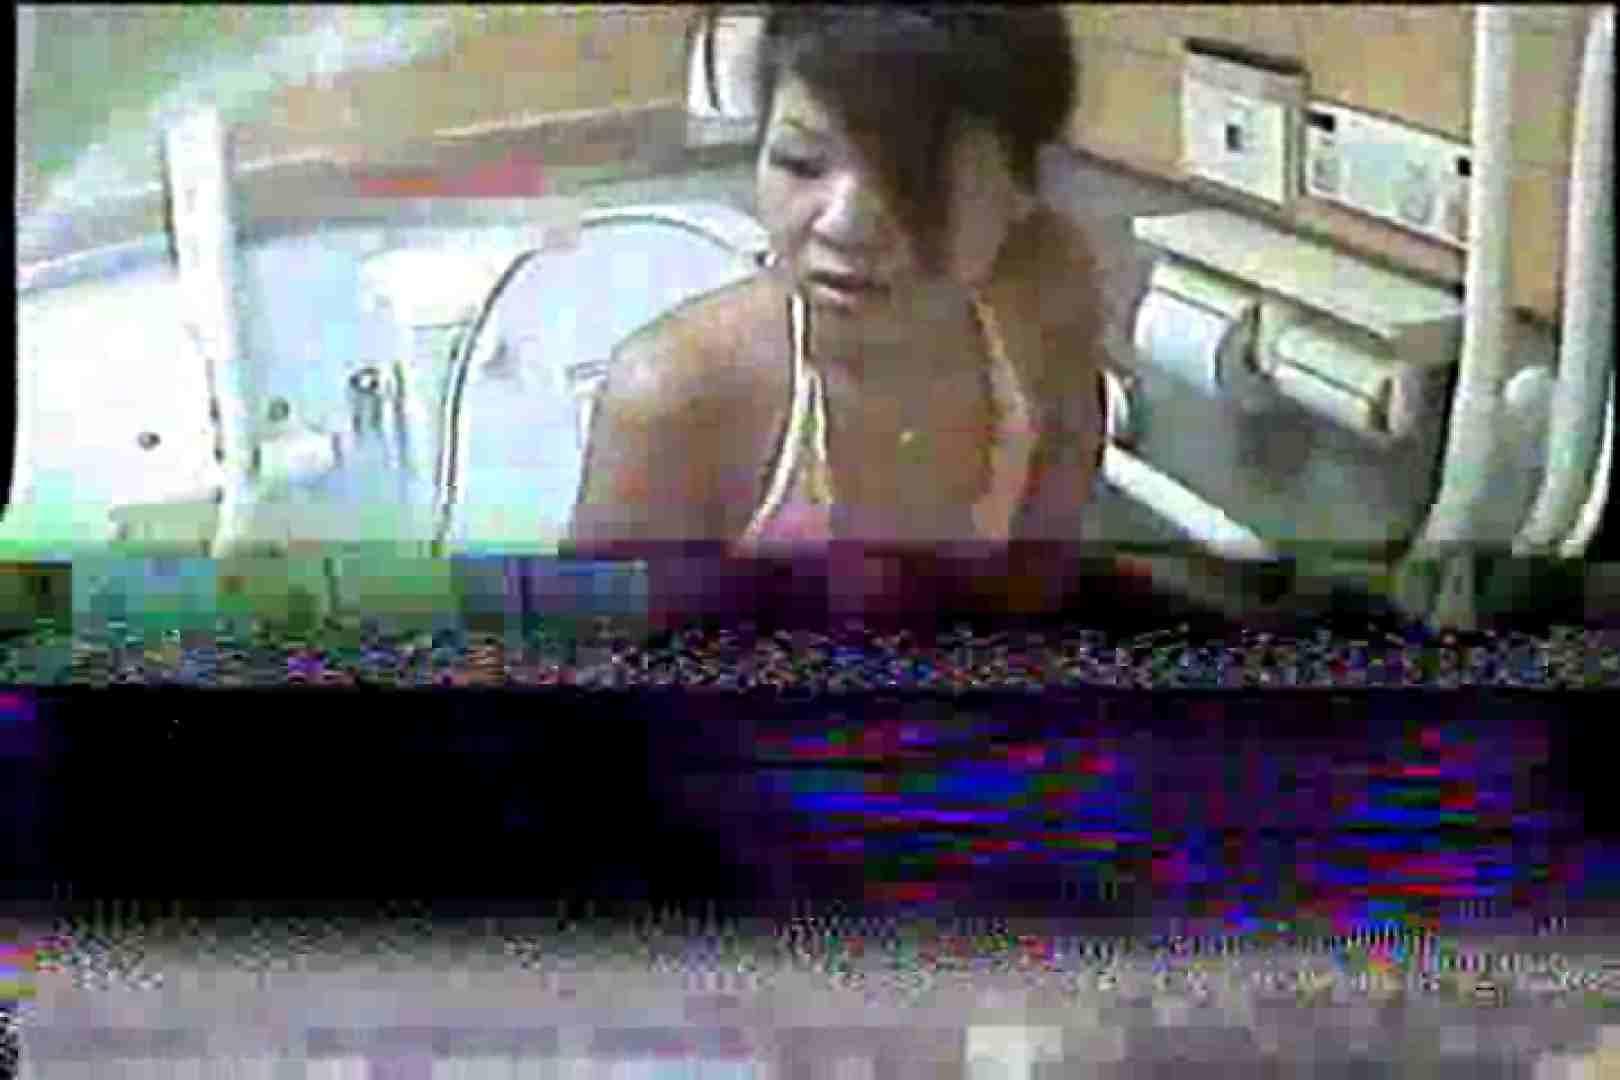 2点盗撮洗面所潜入レポートVol.7 洋式固定カメラ編 0 | 0  101画像 98